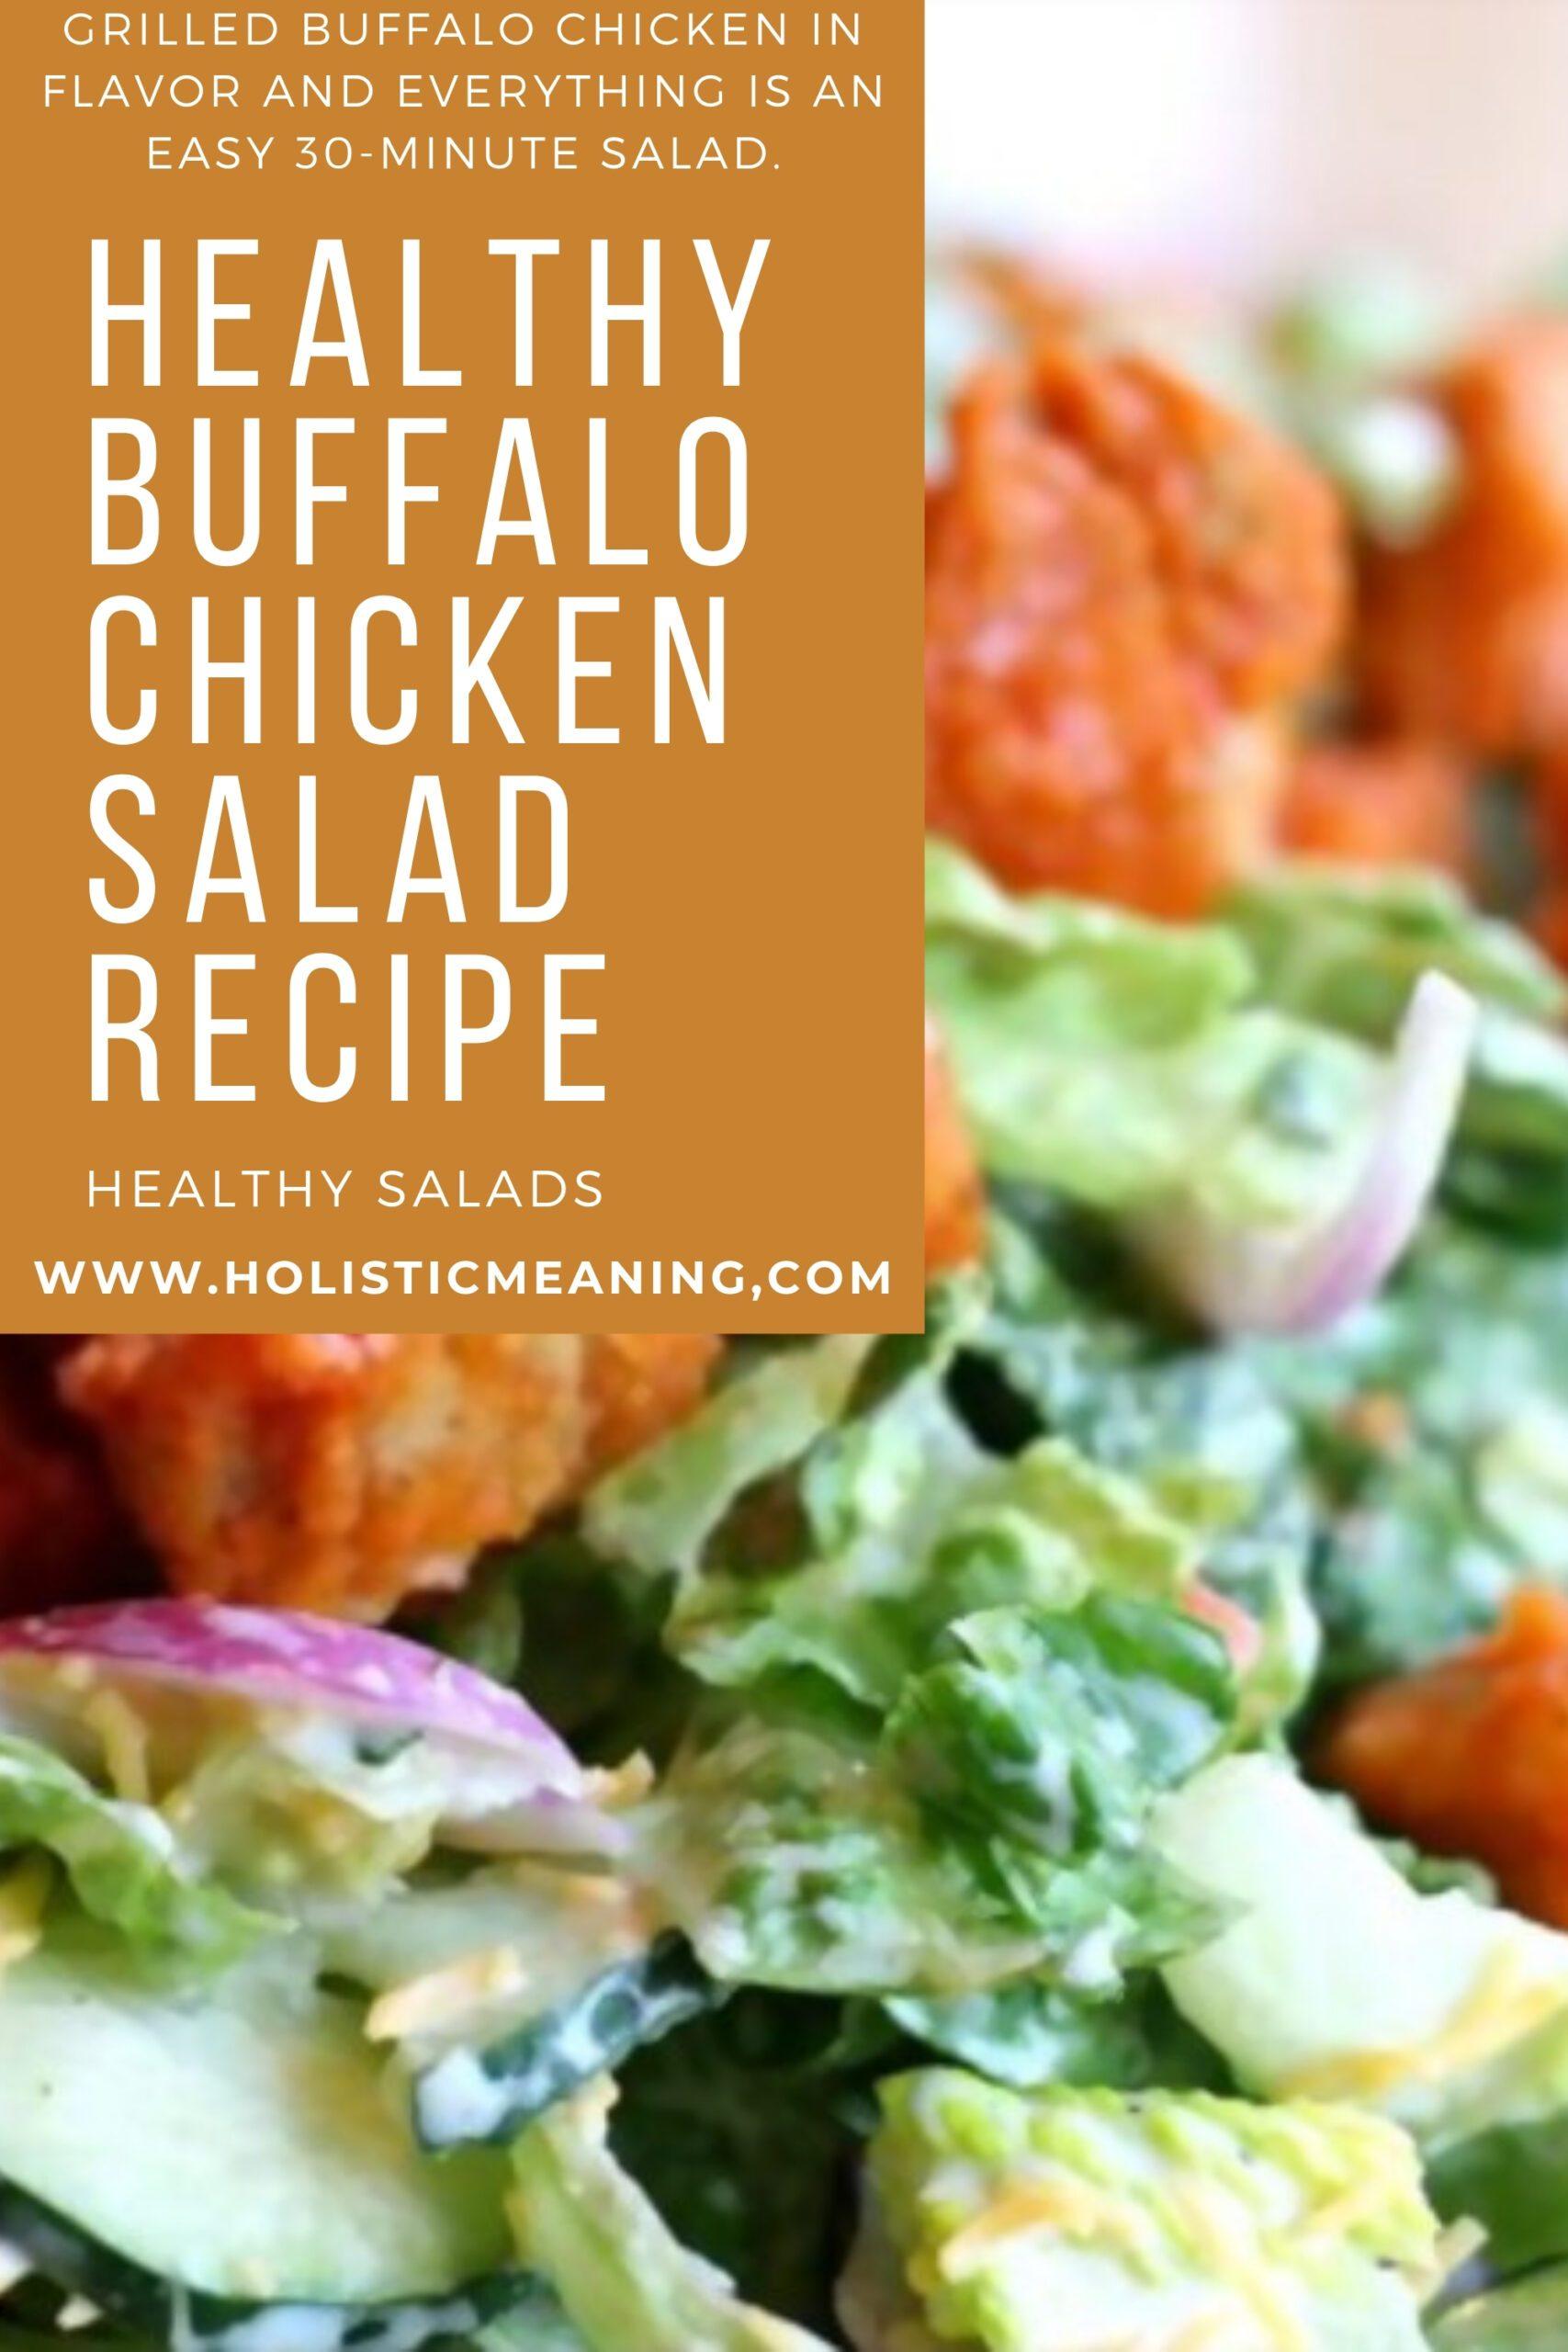 Healthy Buffalo Chicken Salad Recipe #holistic #healthysalad